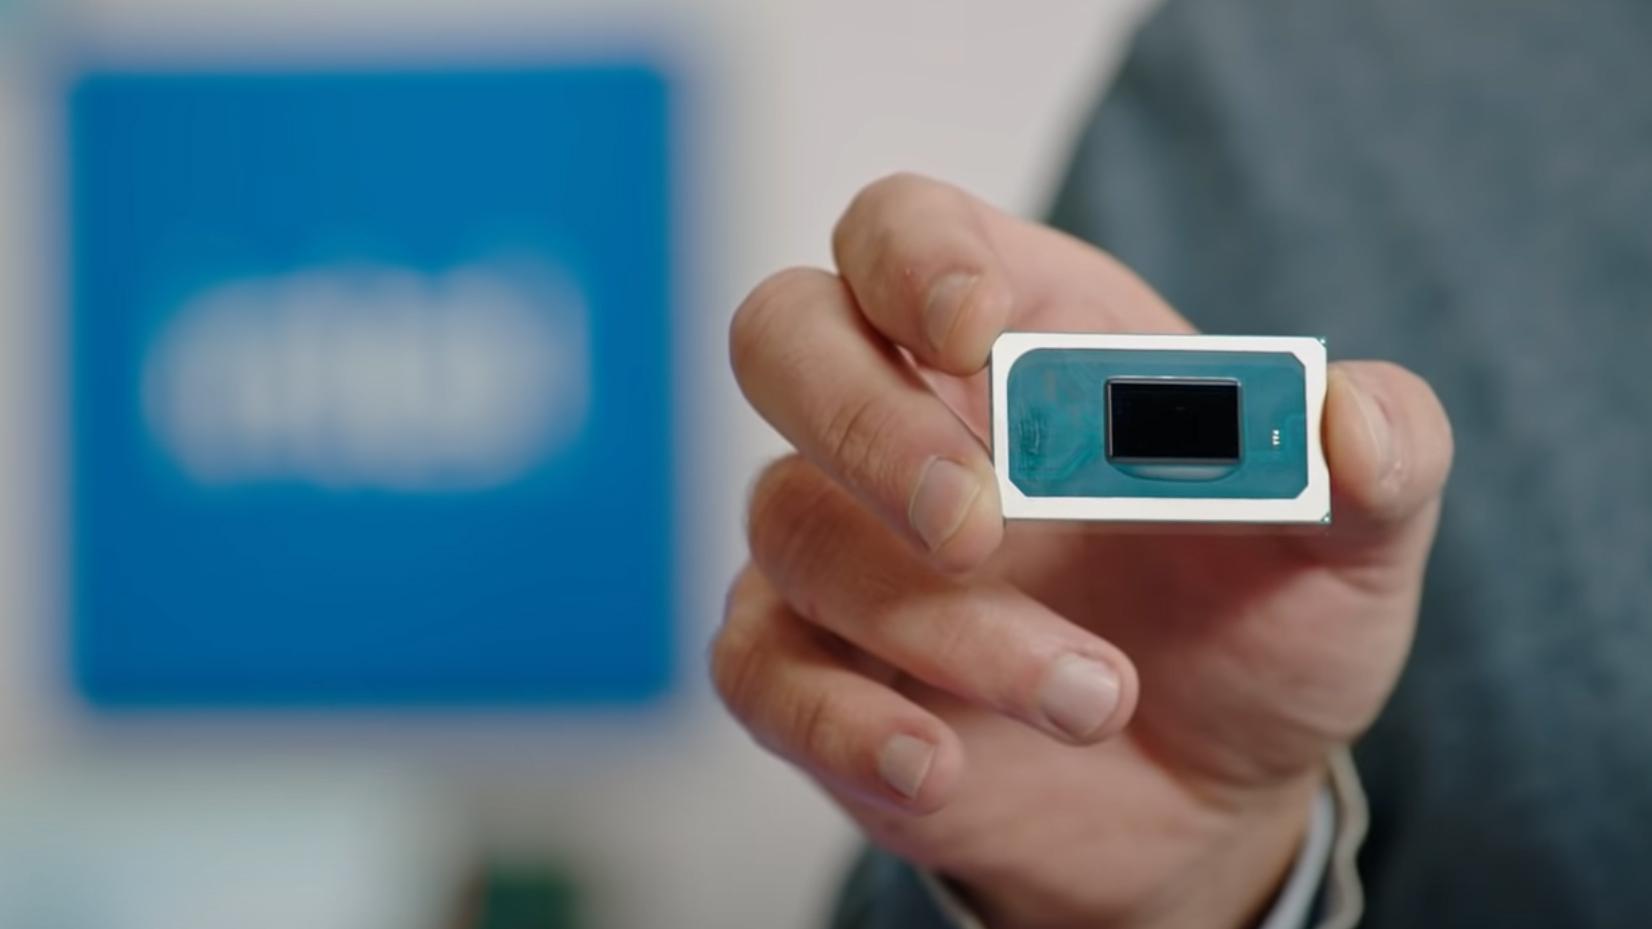 En av Intels prosessorer for bærbare. Mye har skjedd på området de siste to-tre årene både når det kommer til ytelse og effektivitet. De siste generasjonene til Intel, AMD og Apple er alle gode. De enste nye prosessorene du bør holde deg unna er Intels Celeron- og Pentium-prosessorer.